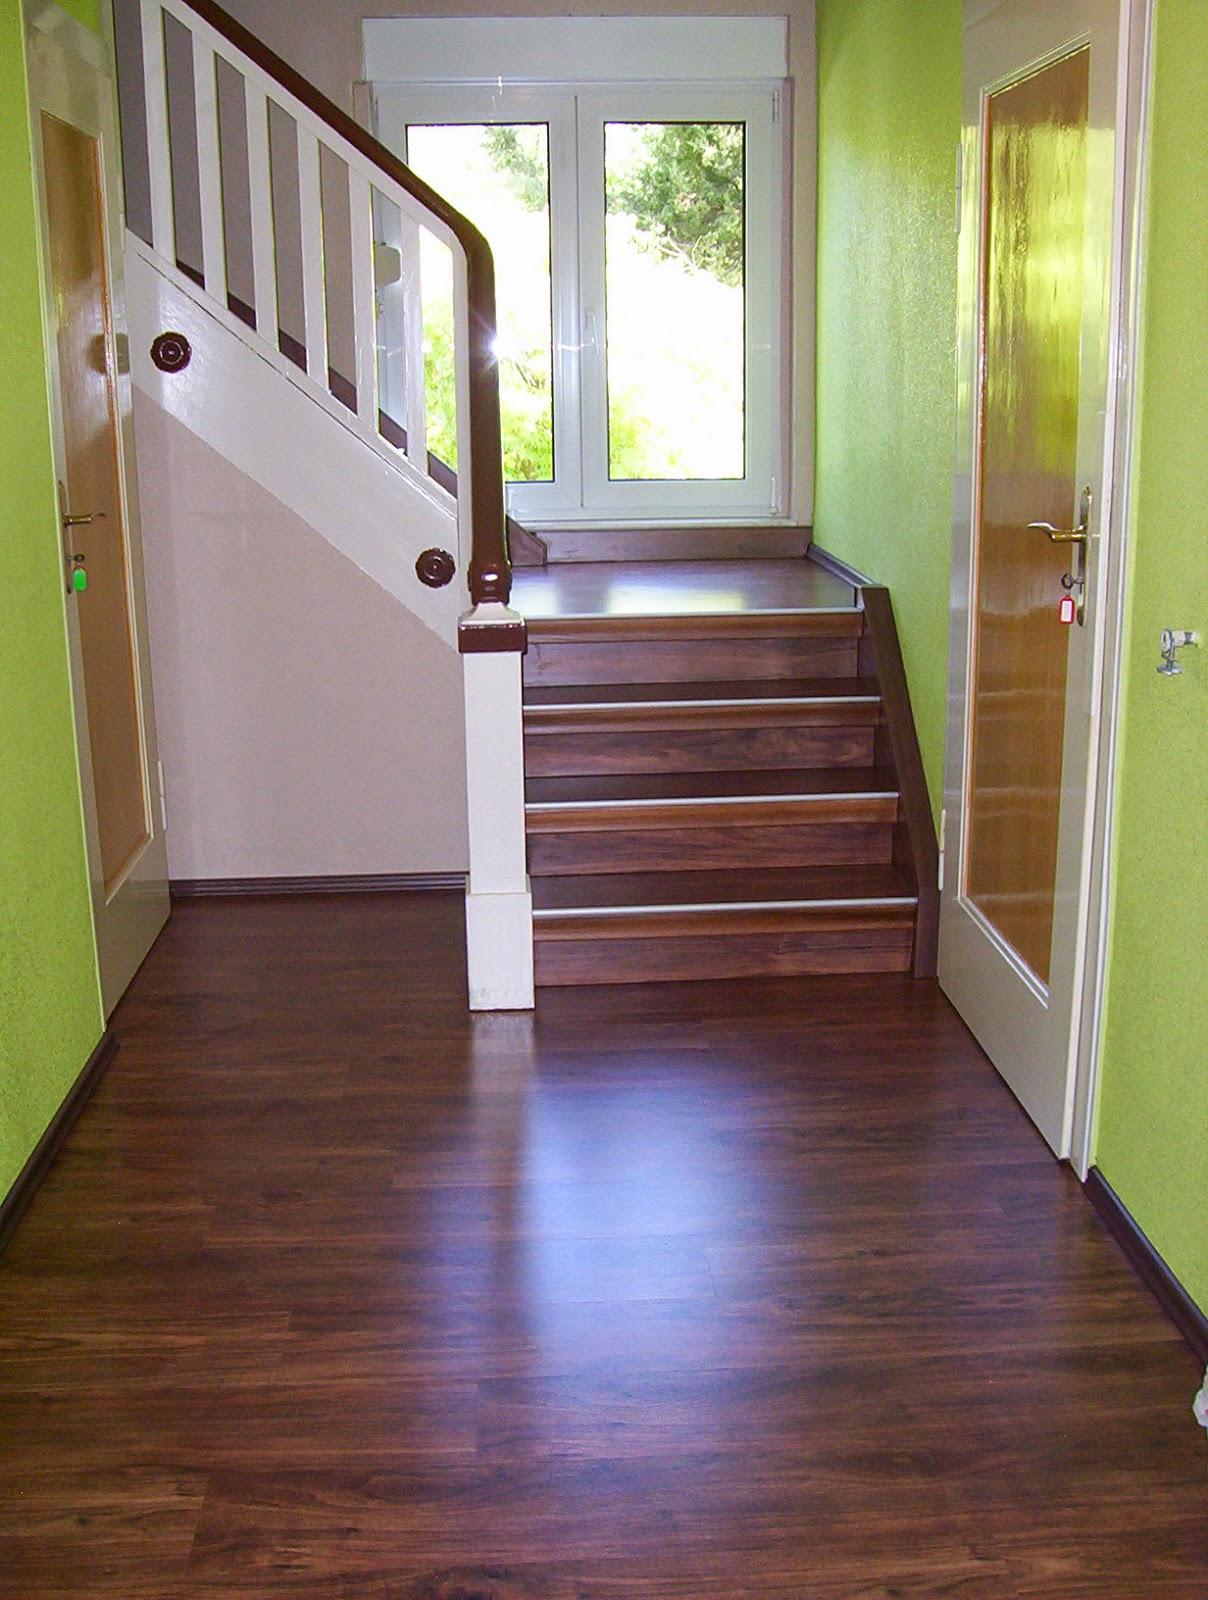 Treppenrenovierung - Podest vor dem Treppenantritt